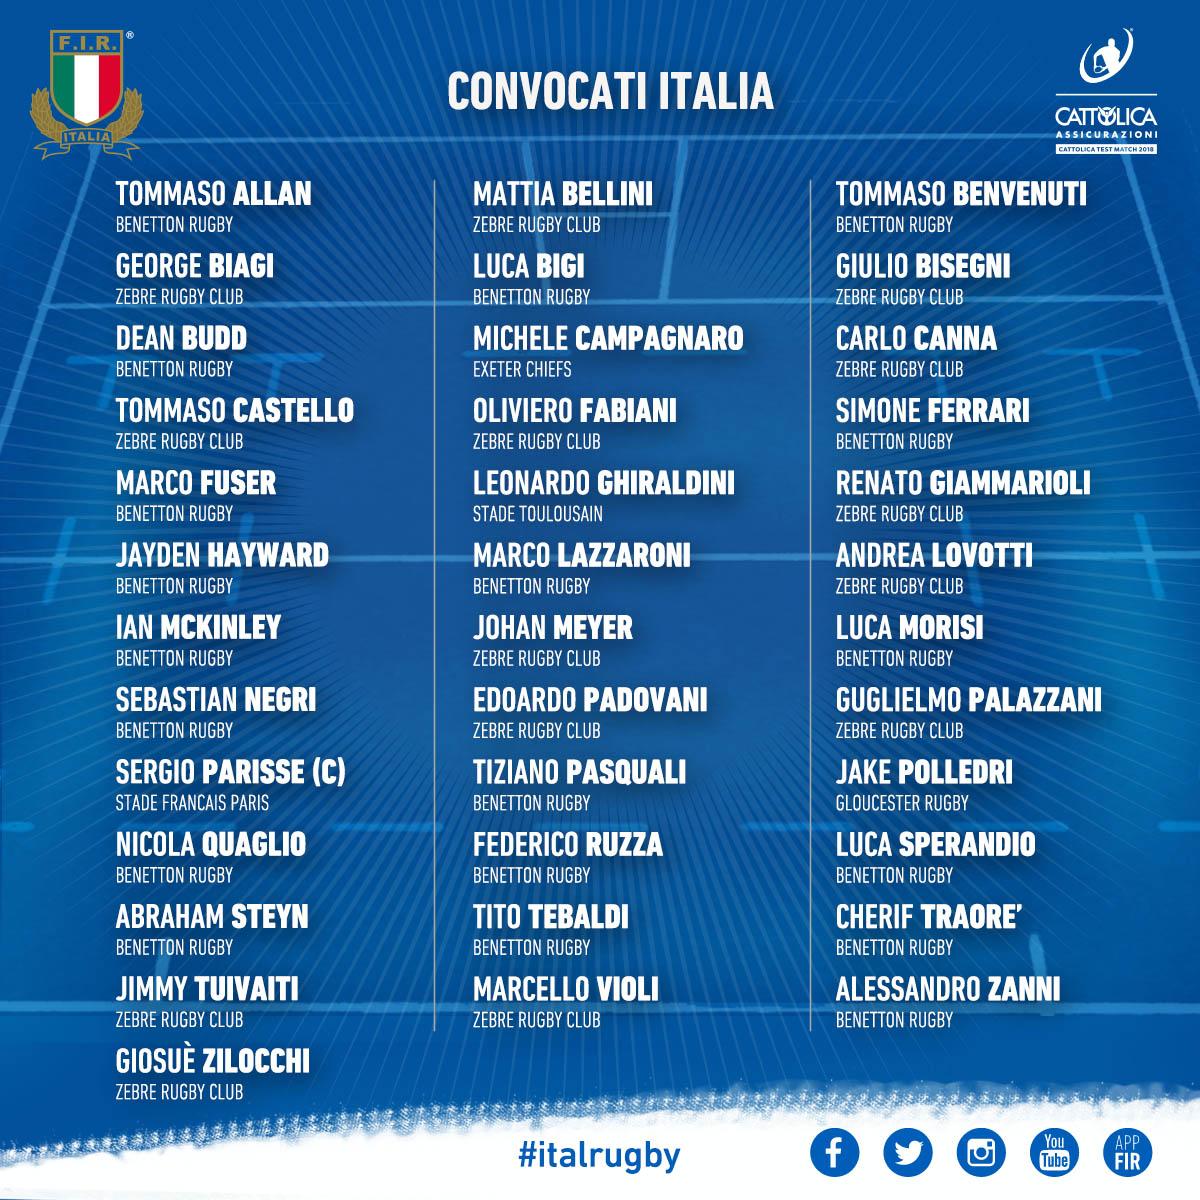 convocati 37 italia 2018